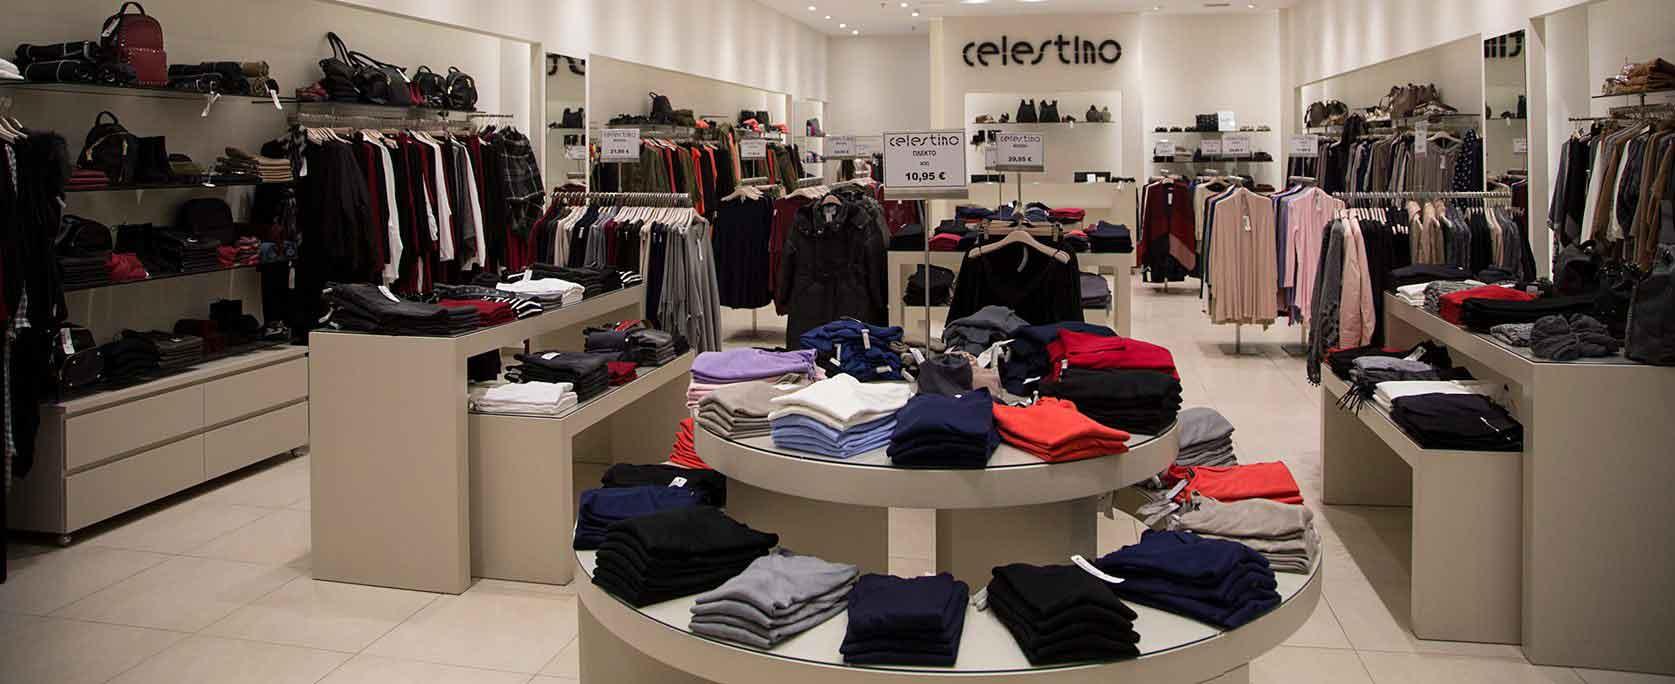 Στο εσωτερικό ενός Καταστήματος Celestino βλέπουμε Ποικιλία Ρούχων, Τσαντών και Αξεσουάρ σε πληθώρα Χρωμάτων και Σχεδίων, και σε πολύ Χαμηλές Τιμές! | YouBeHero